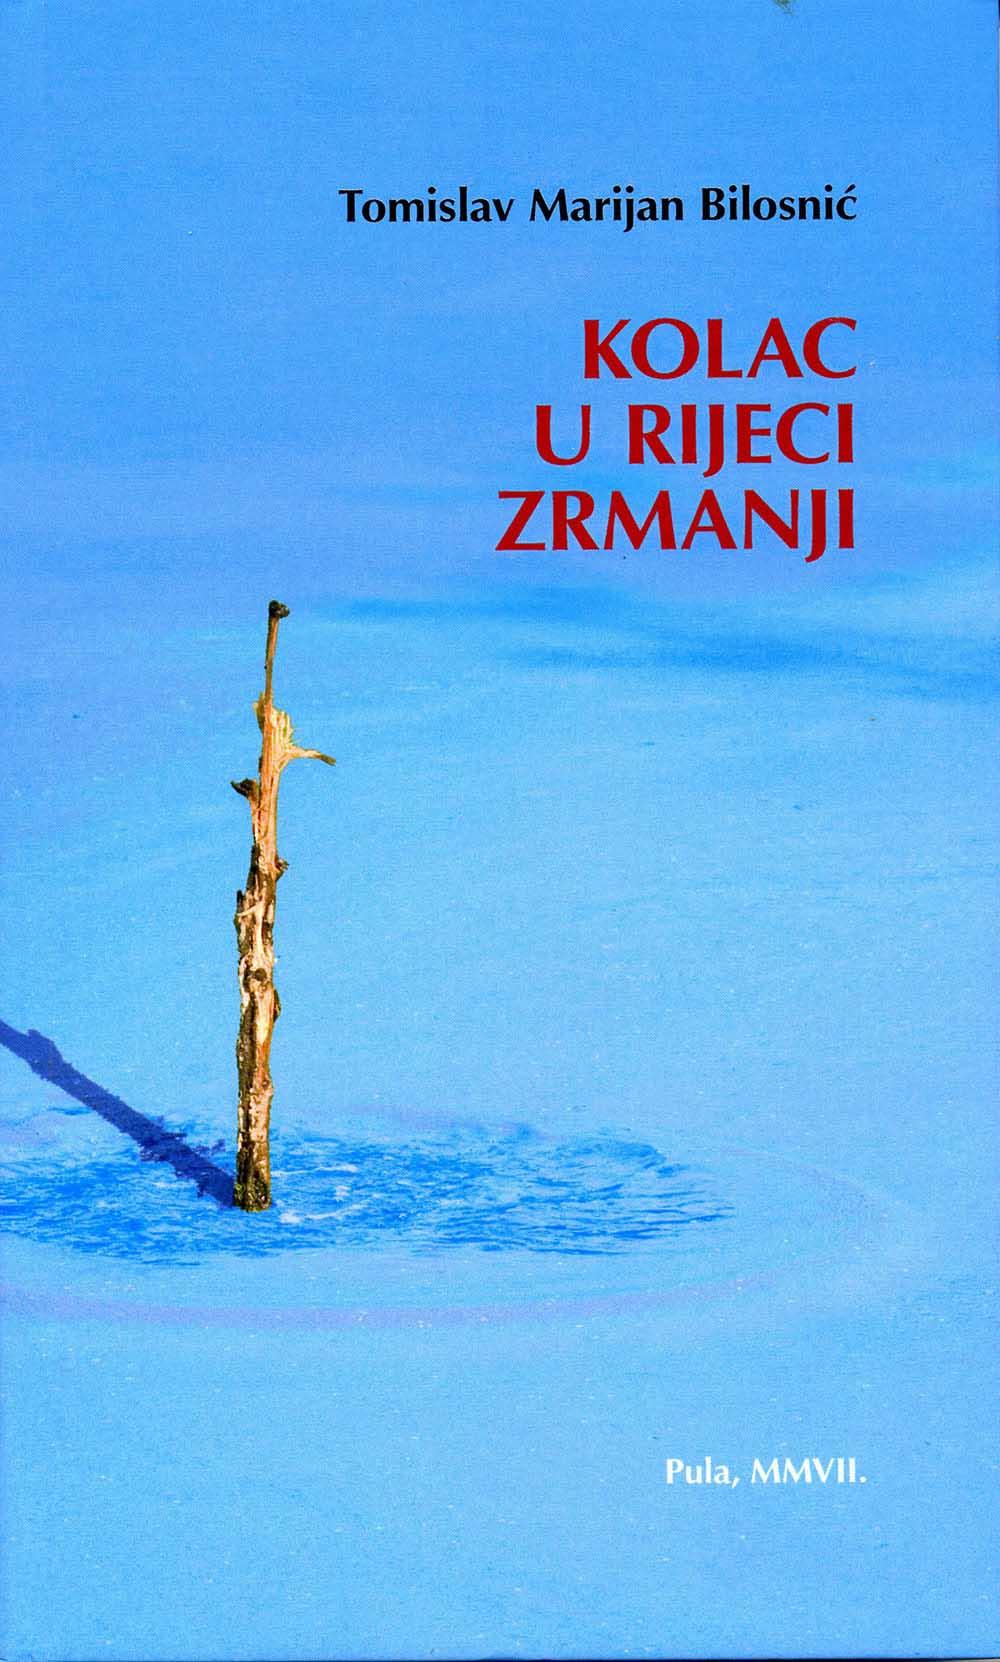 roman TM Bilosnića Kolac u rijeci Zrmanji